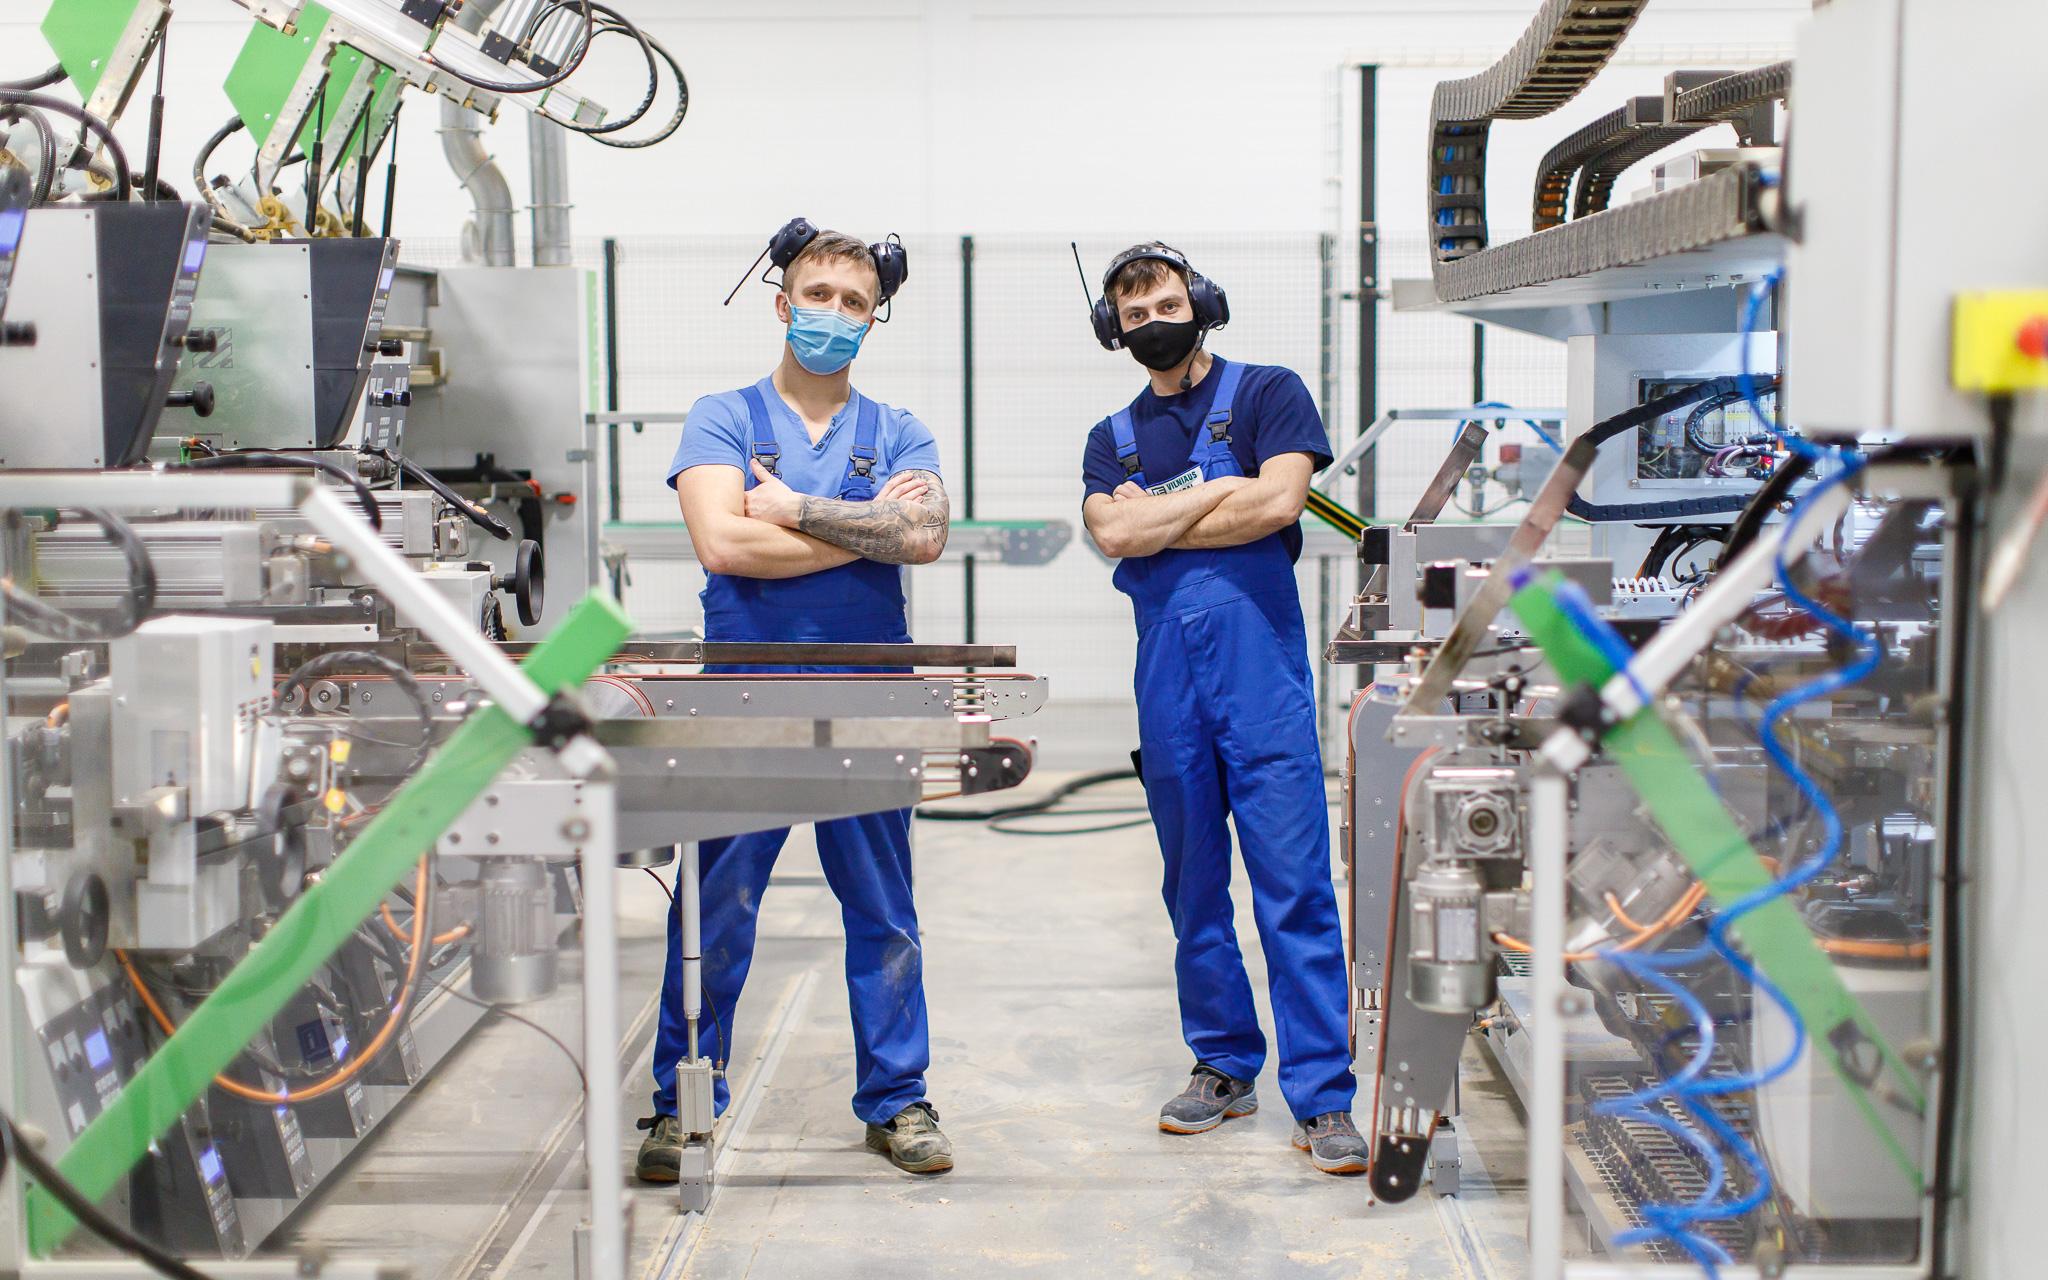 Karjera nuo nulio baldų gamybos sektoriuje: pasirūpina ir mokymais, ir transportu į darbą